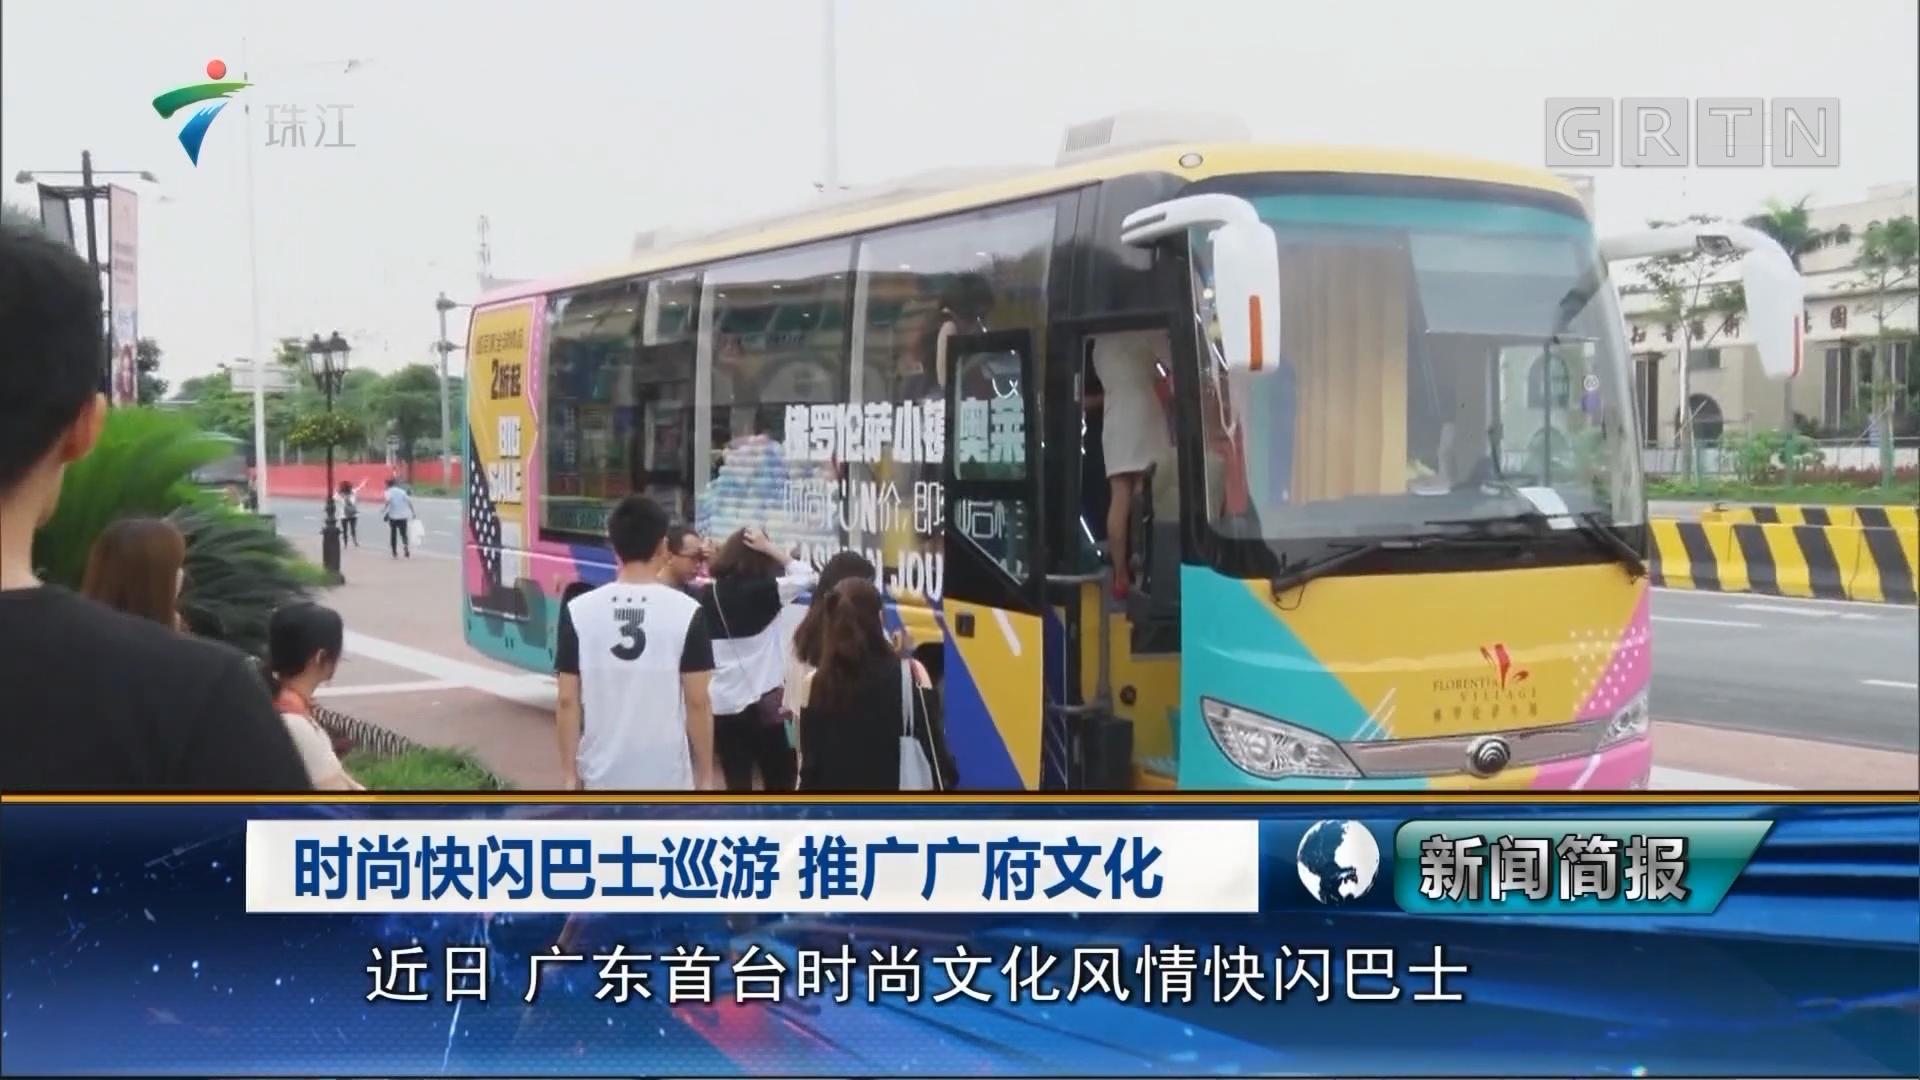 时尚快闪巴士巡游 推广广府文化